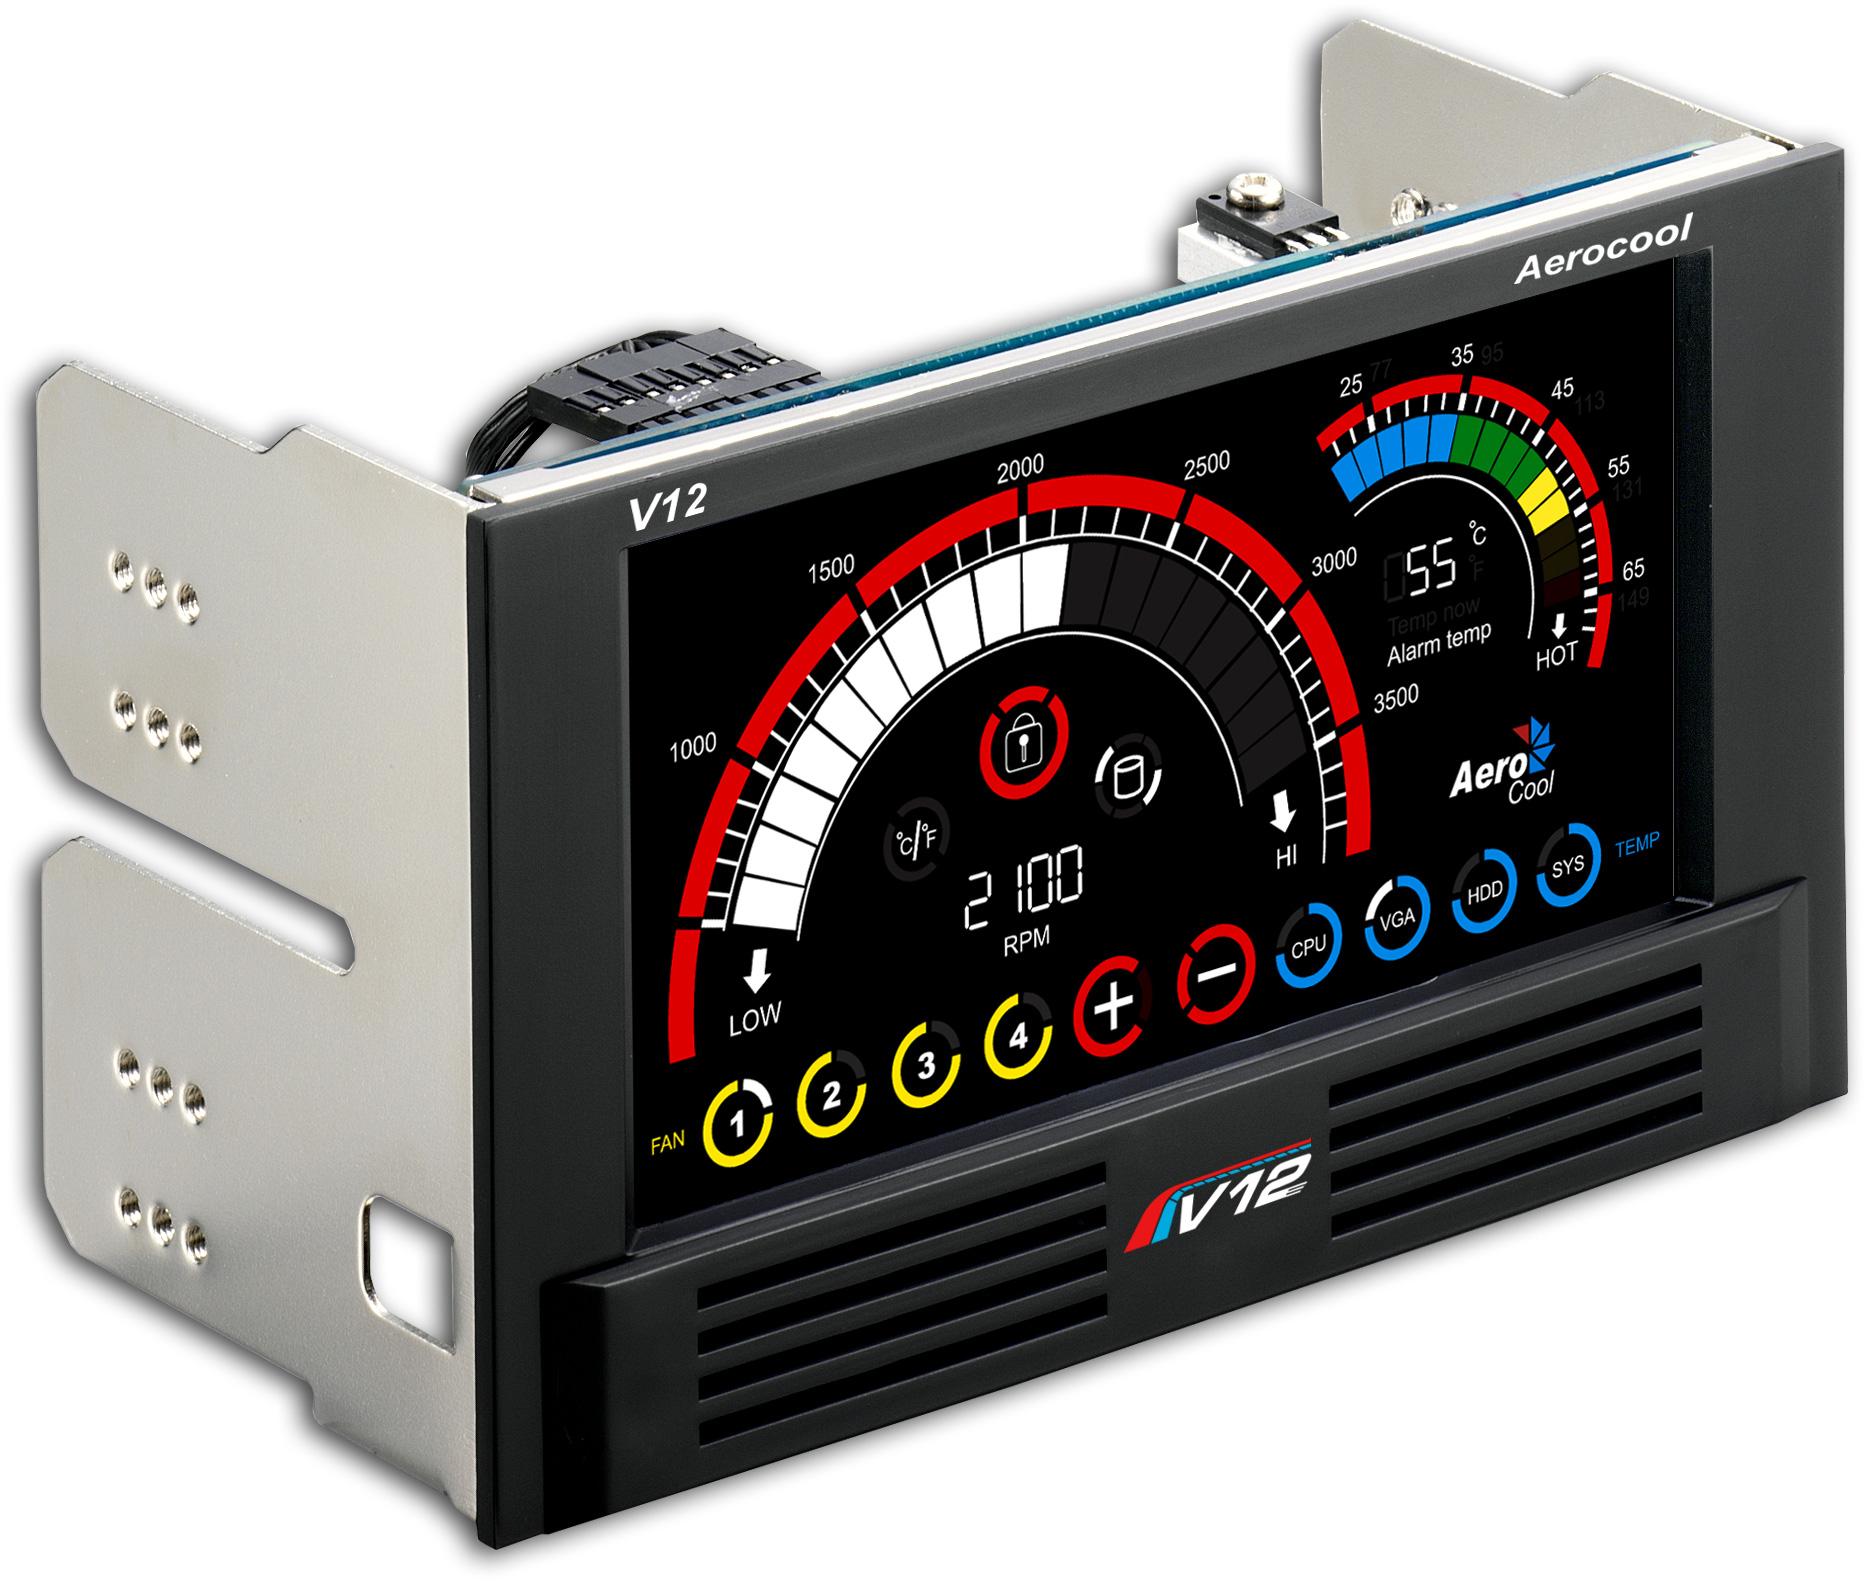 AeroCool V12XT 4 Channel LCD Touch Panel Fan Controller #CB0001